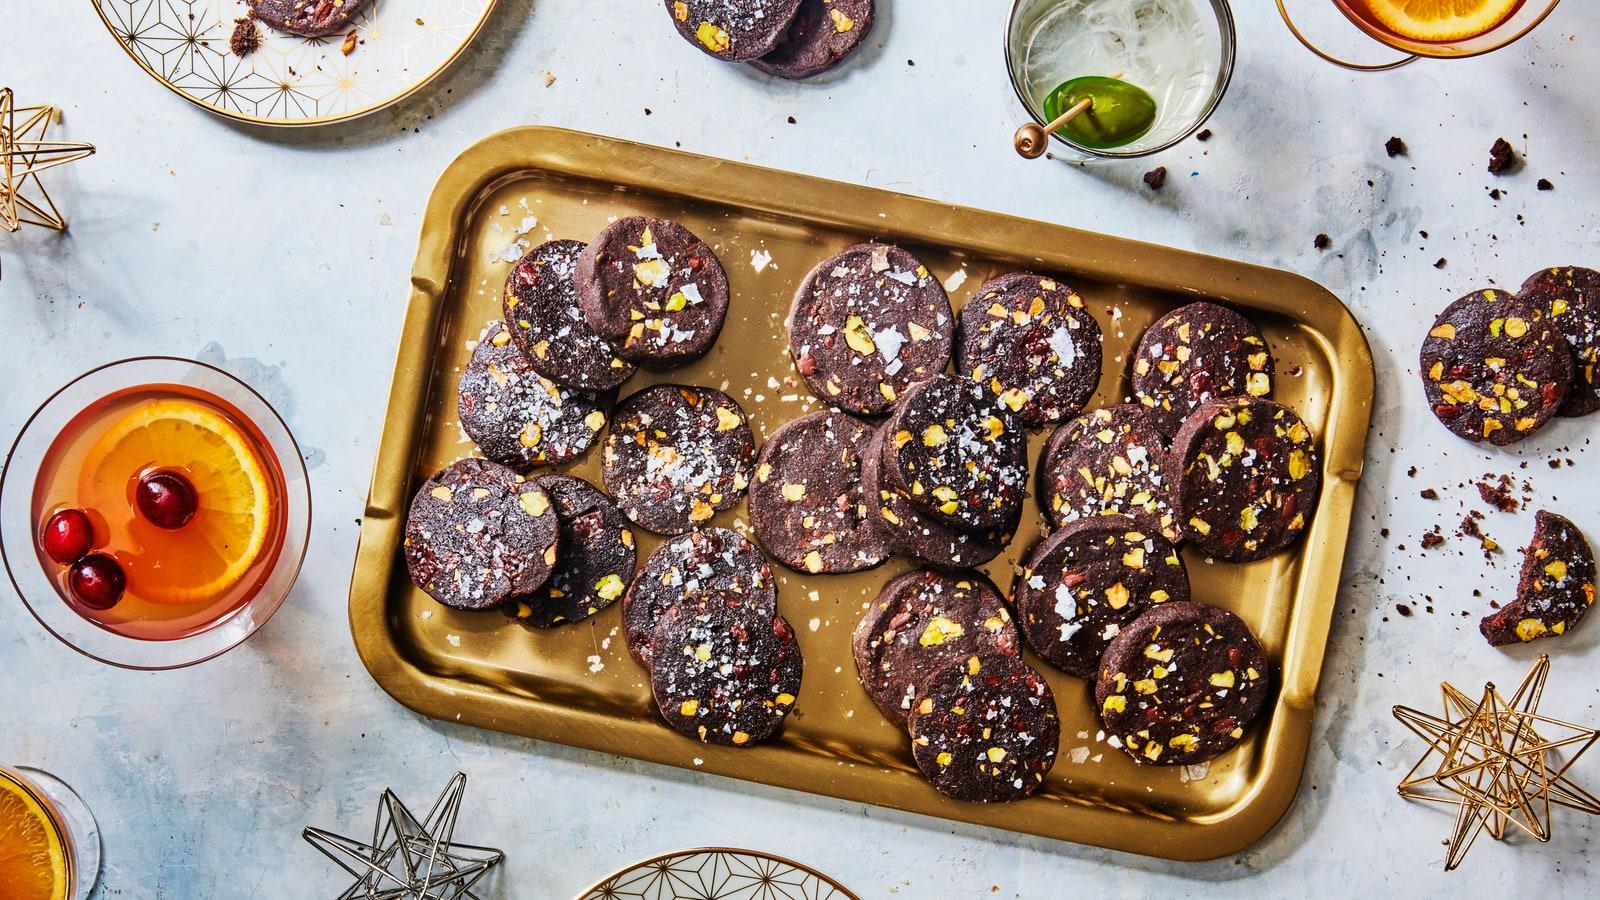 CHOCOLATE SABLE COOKIES NEW YEARS 28112017 117 MEJORES RECETAS DE GALLETAS NAVIDEÑAS PARA PASAR LAS VACACIONES